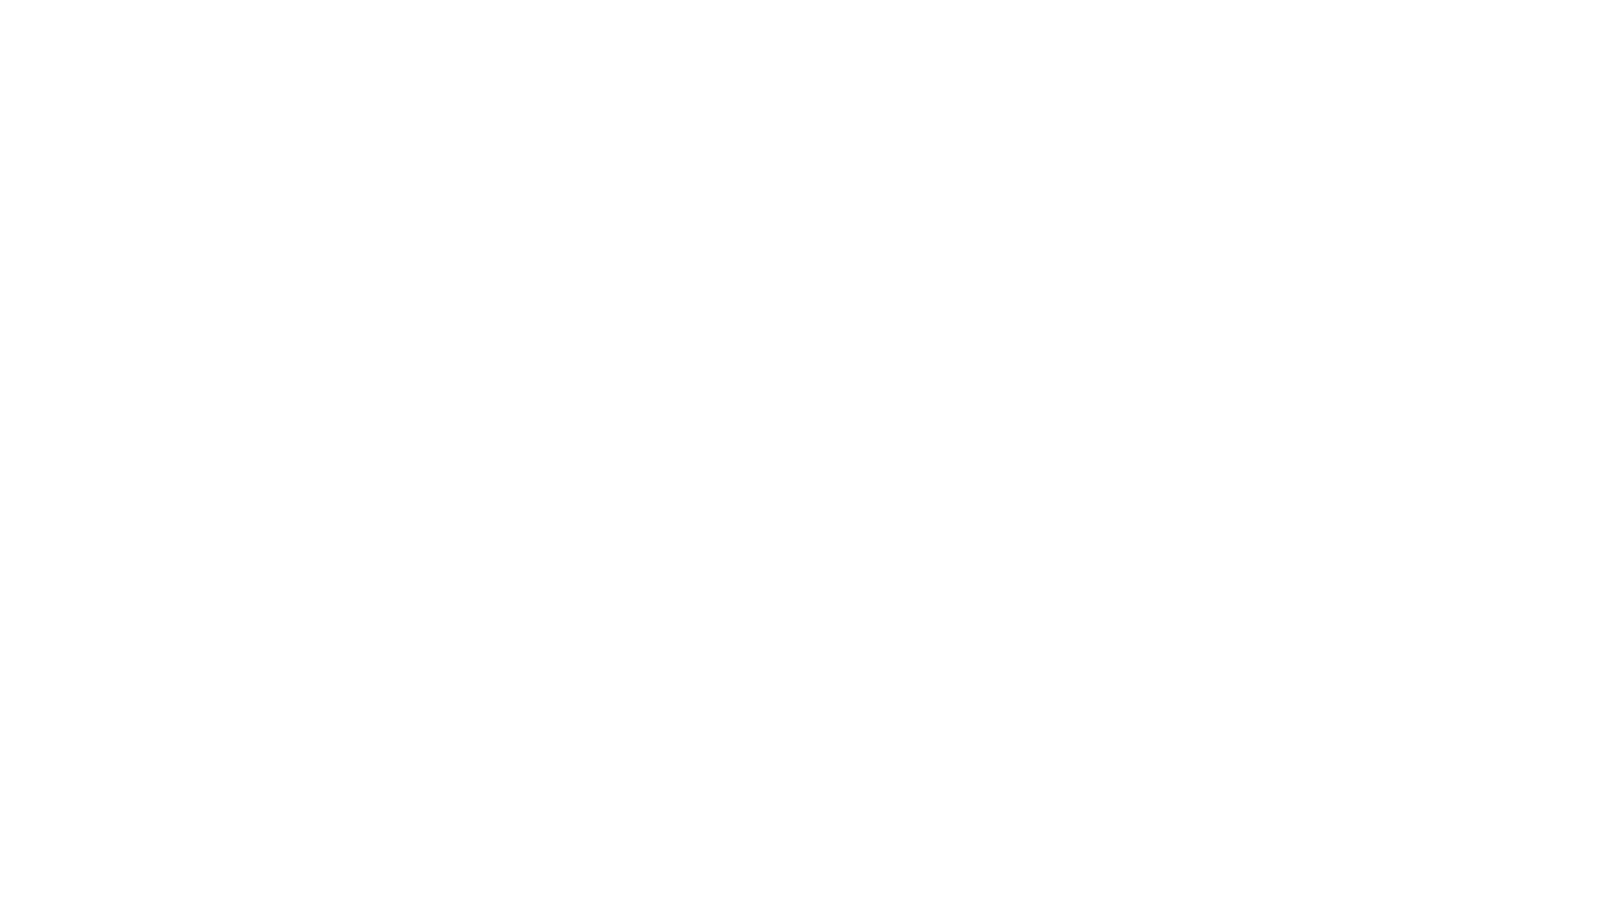 El club de la ópera vuelve presentando un nuevo formato online, en una sesión donde presentaremos cinco unipersonales que fueron premiados en la Primera Competencia Nacional de Canto y performance online, que se hizo en México en diciembre pasado. La última prueba era un video con la interpretación de un aria de una ópera mexicana que les fue asignada por el repertorista especializado Emmanuel Pool, a manera de un unipersonal teatral. Lluis casado analizará las voces y Enid Negrete dará todas las referencias del compositor y la obra interpretada.   Con la colaboración de la Ópera Irreverente, compañía que organizó el concurso: https://www.facebook.com/OperaIrreverente   5 de mayo del 2021